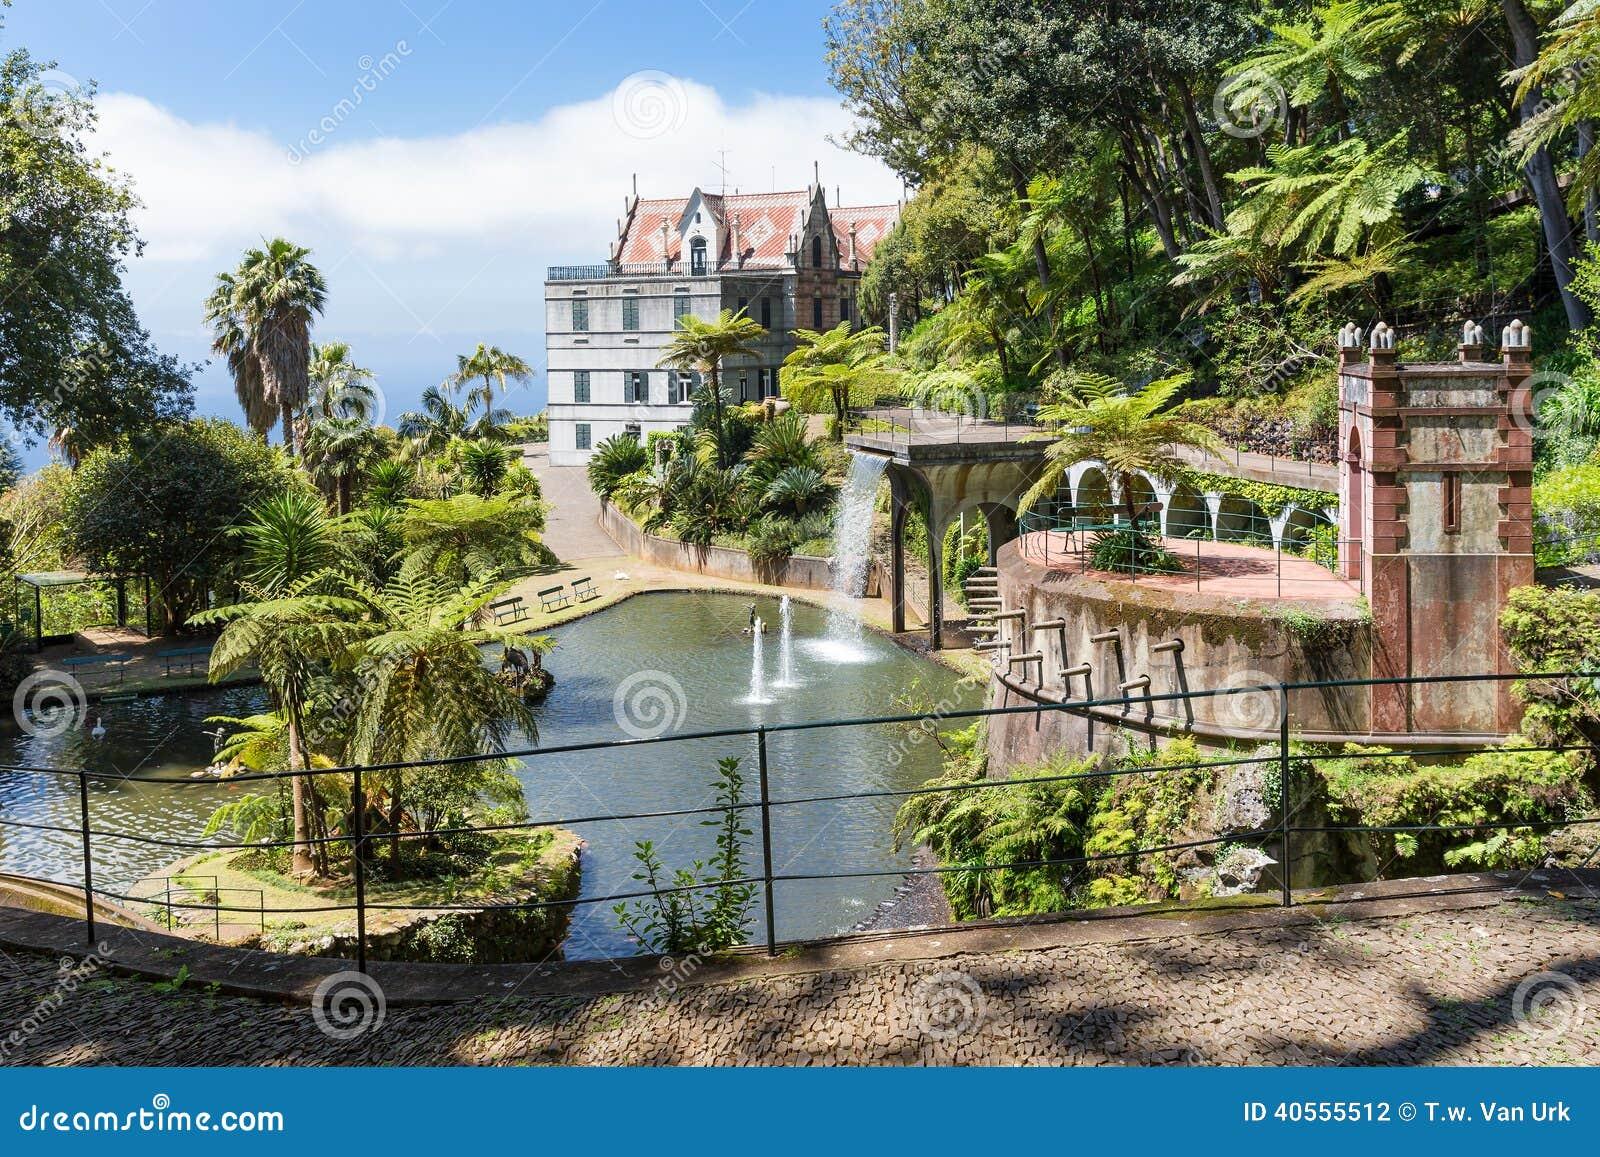 fotos de jardim tropical : fotos de jardim tropical:Foto de Stock: Jardim tropical com lagoa e palácio em Funchal, ilha